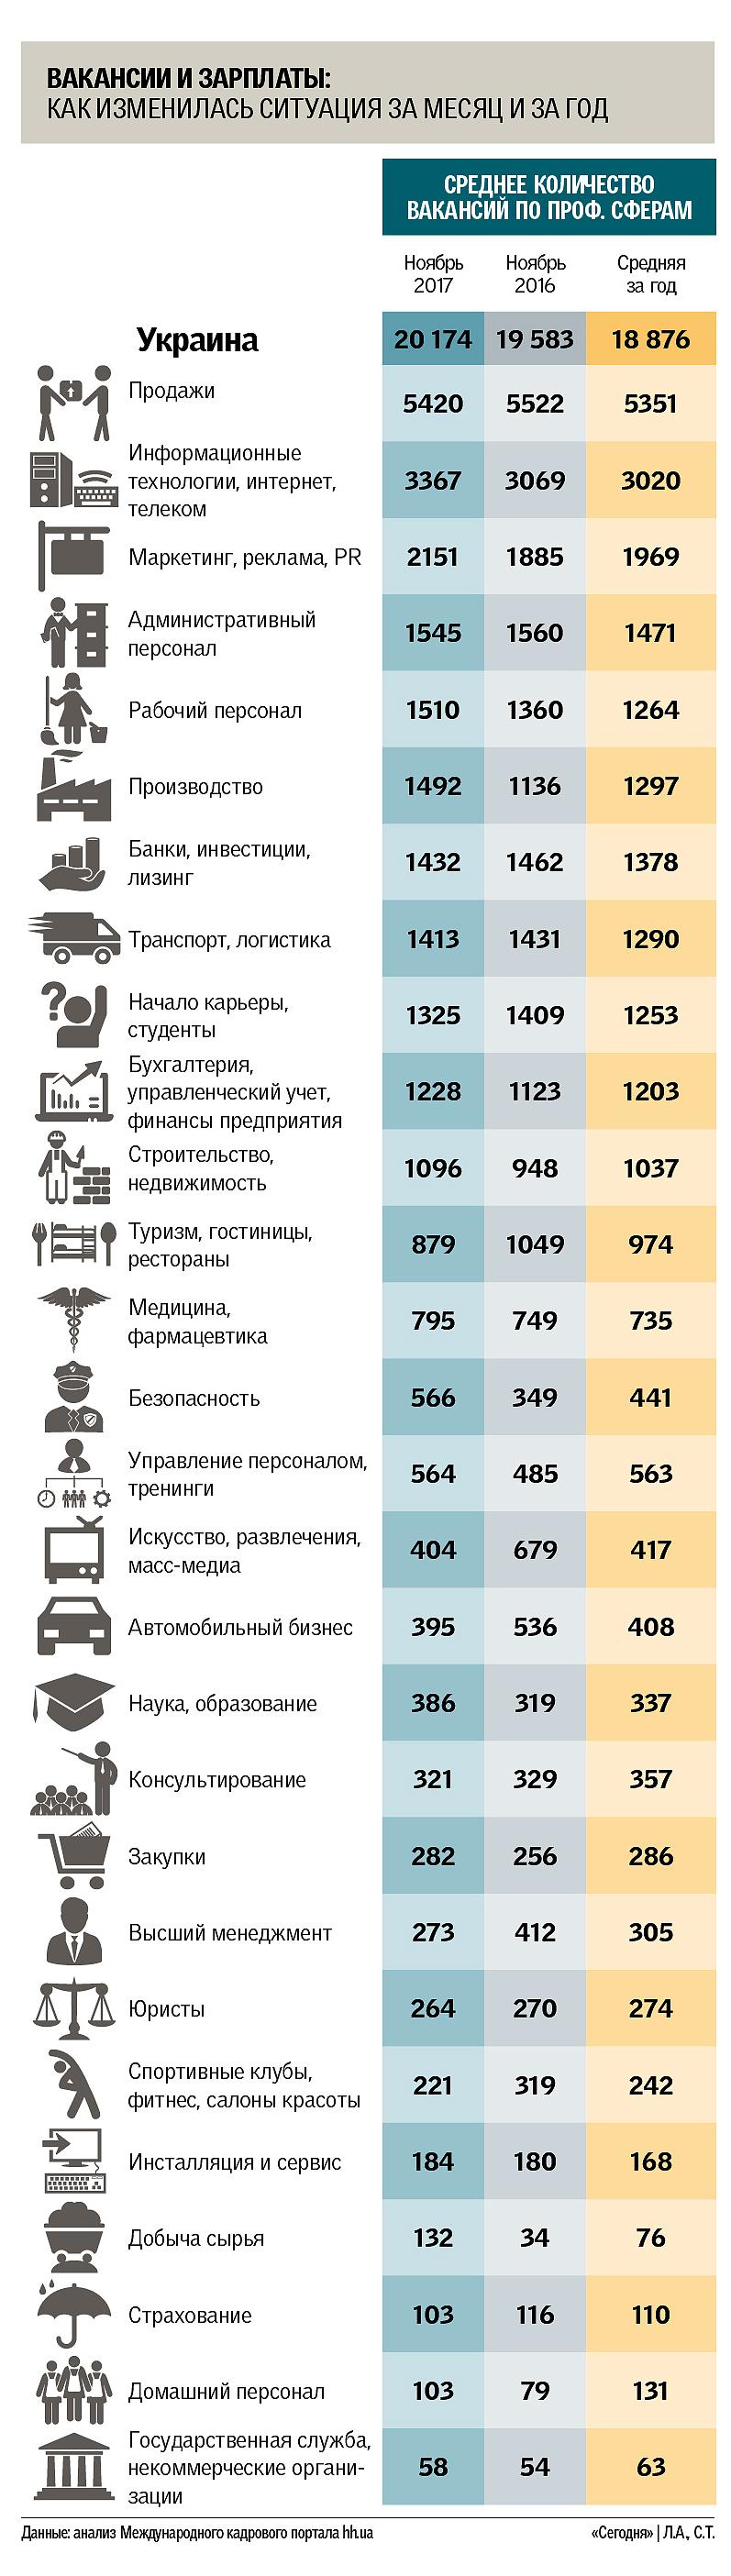 В Украине начался бой за молодых специалистов